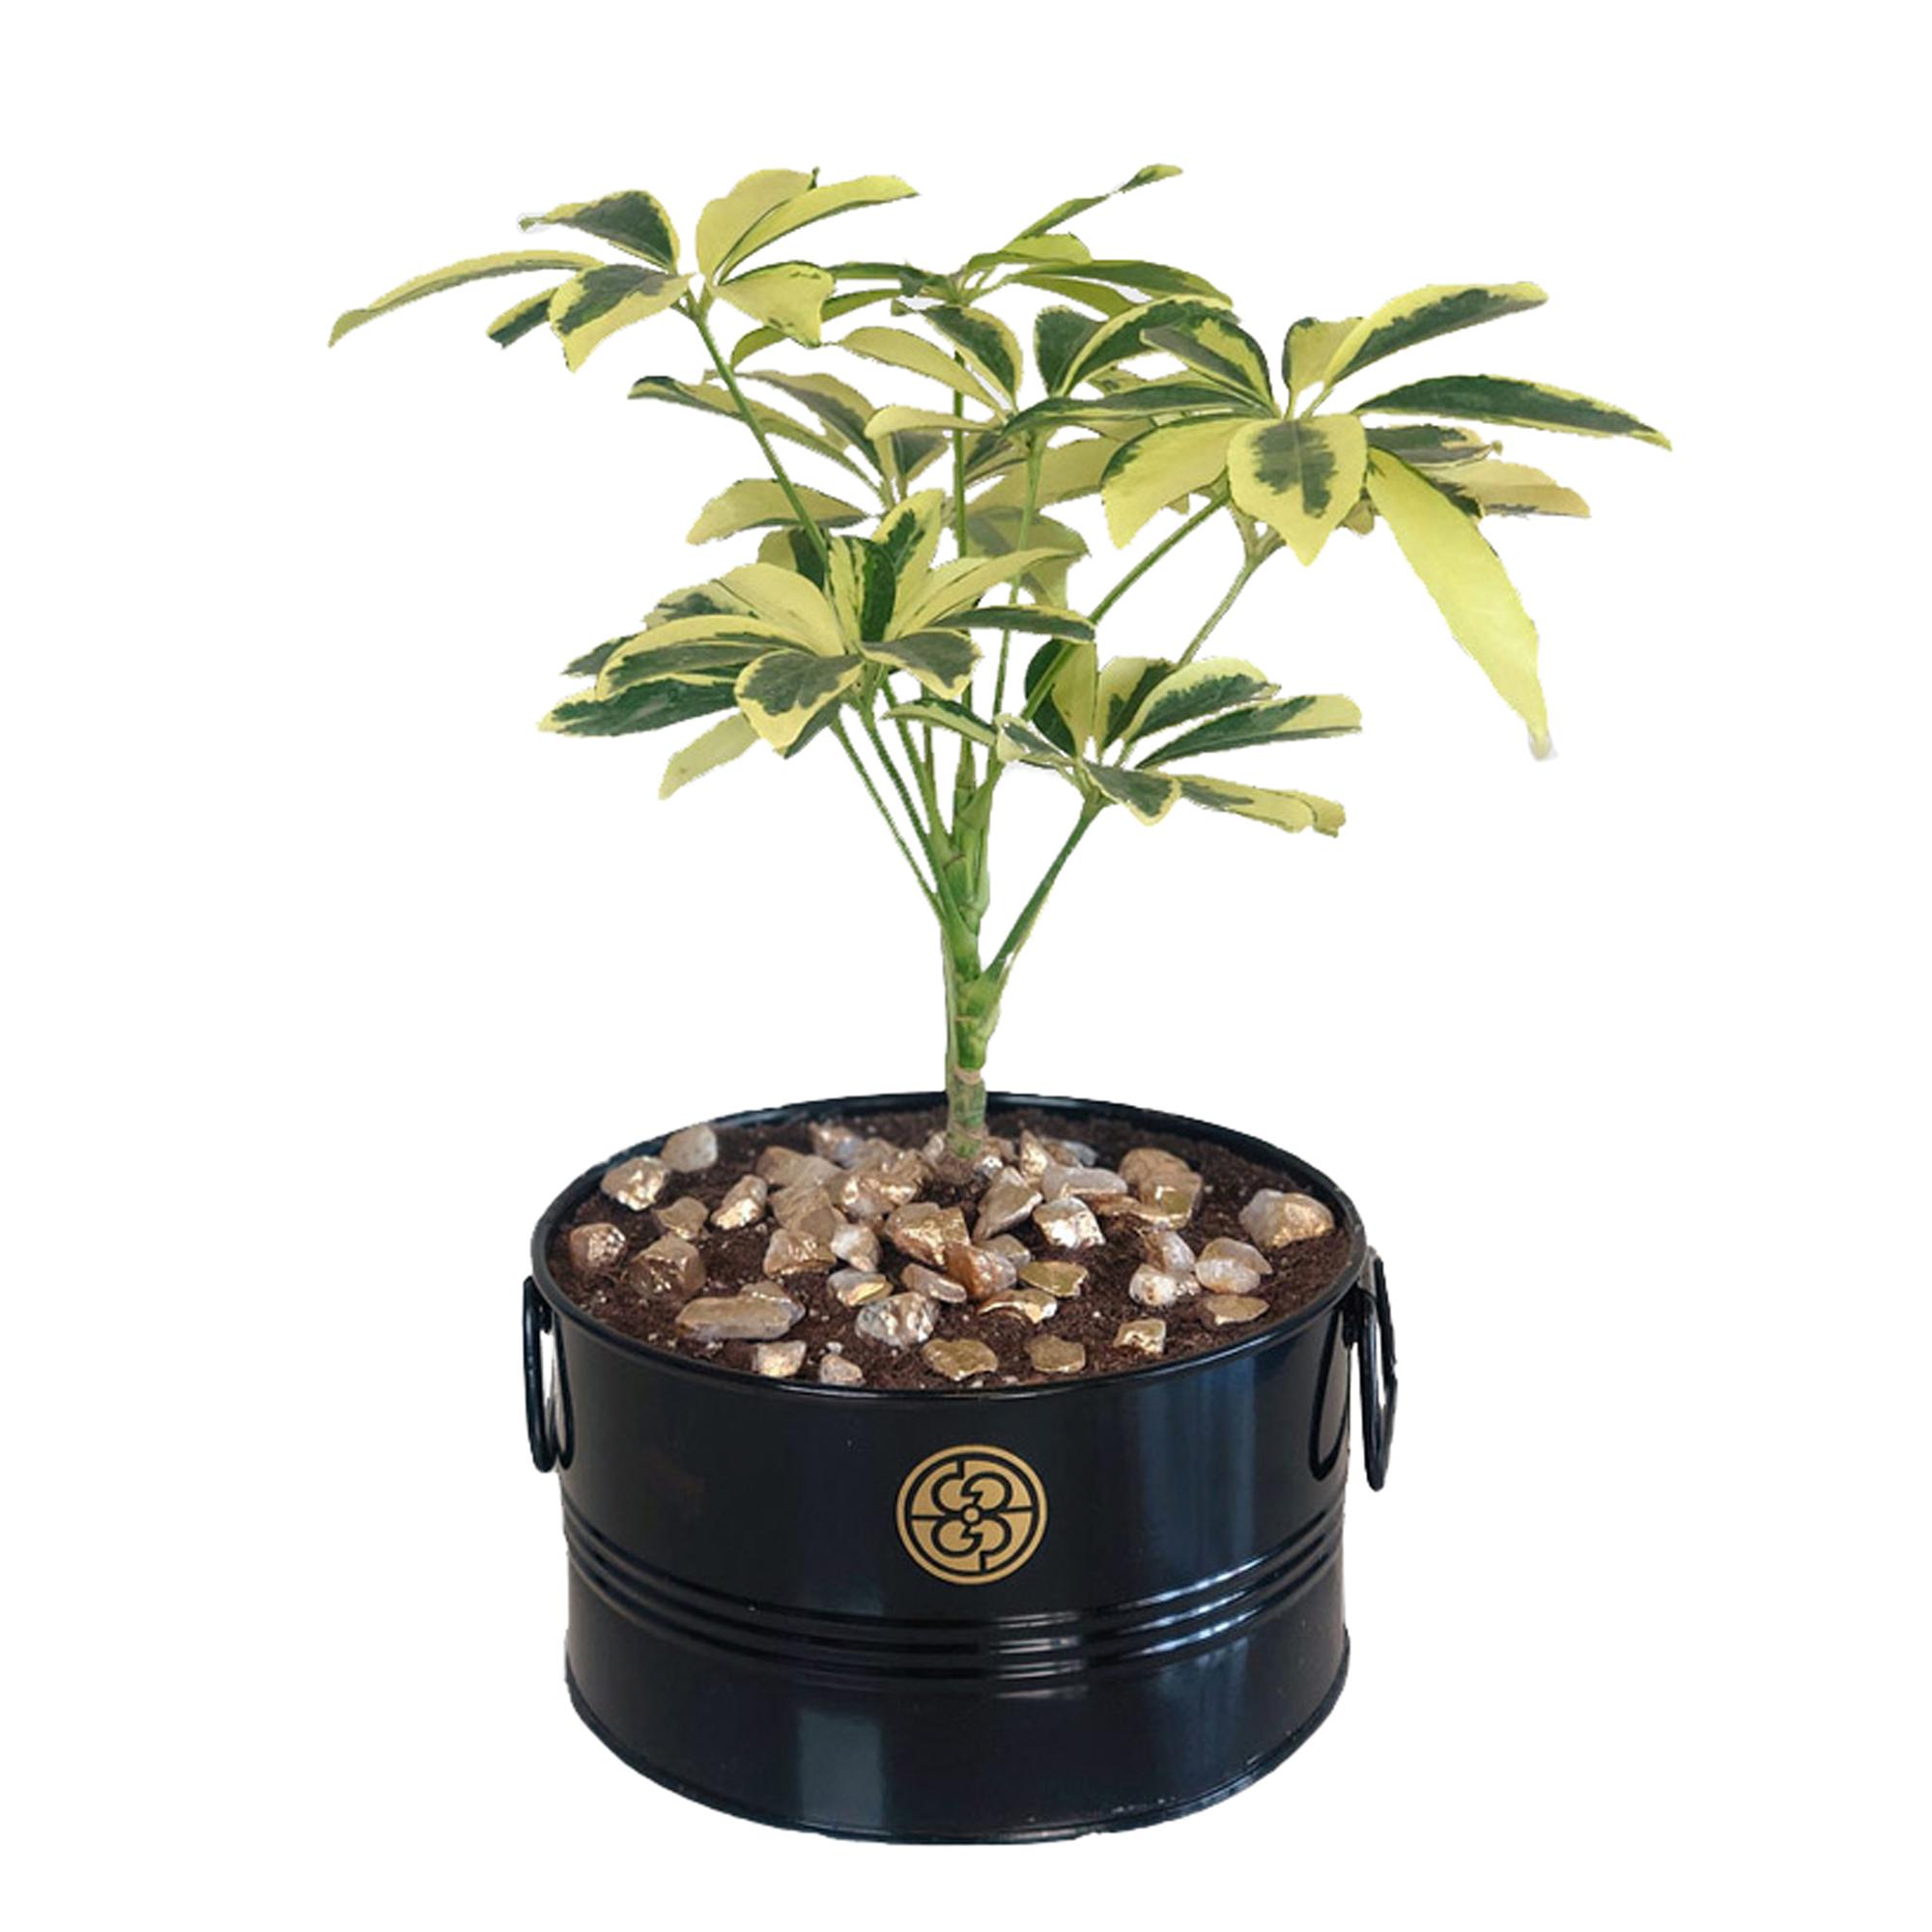 گیاه طبیعی شفلرا ابلق گل گیفت کد GP006